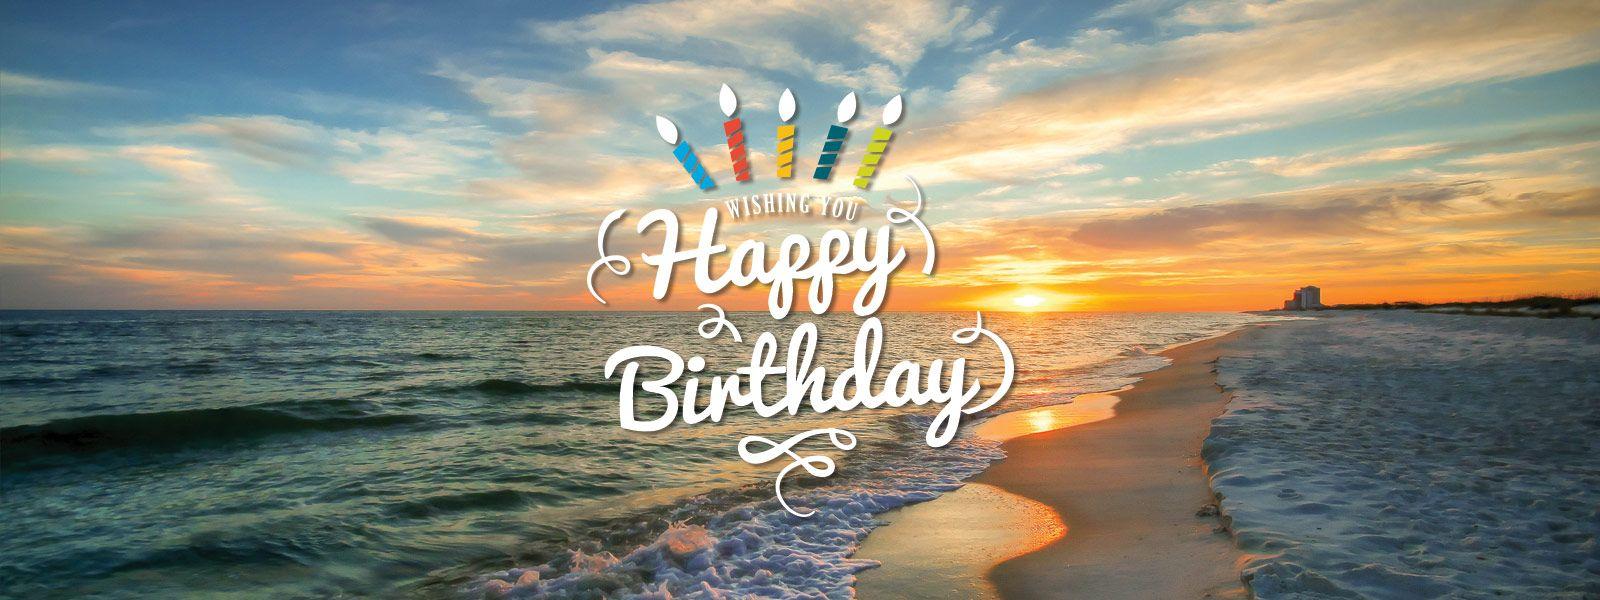 Картинки с днем рождения с морем